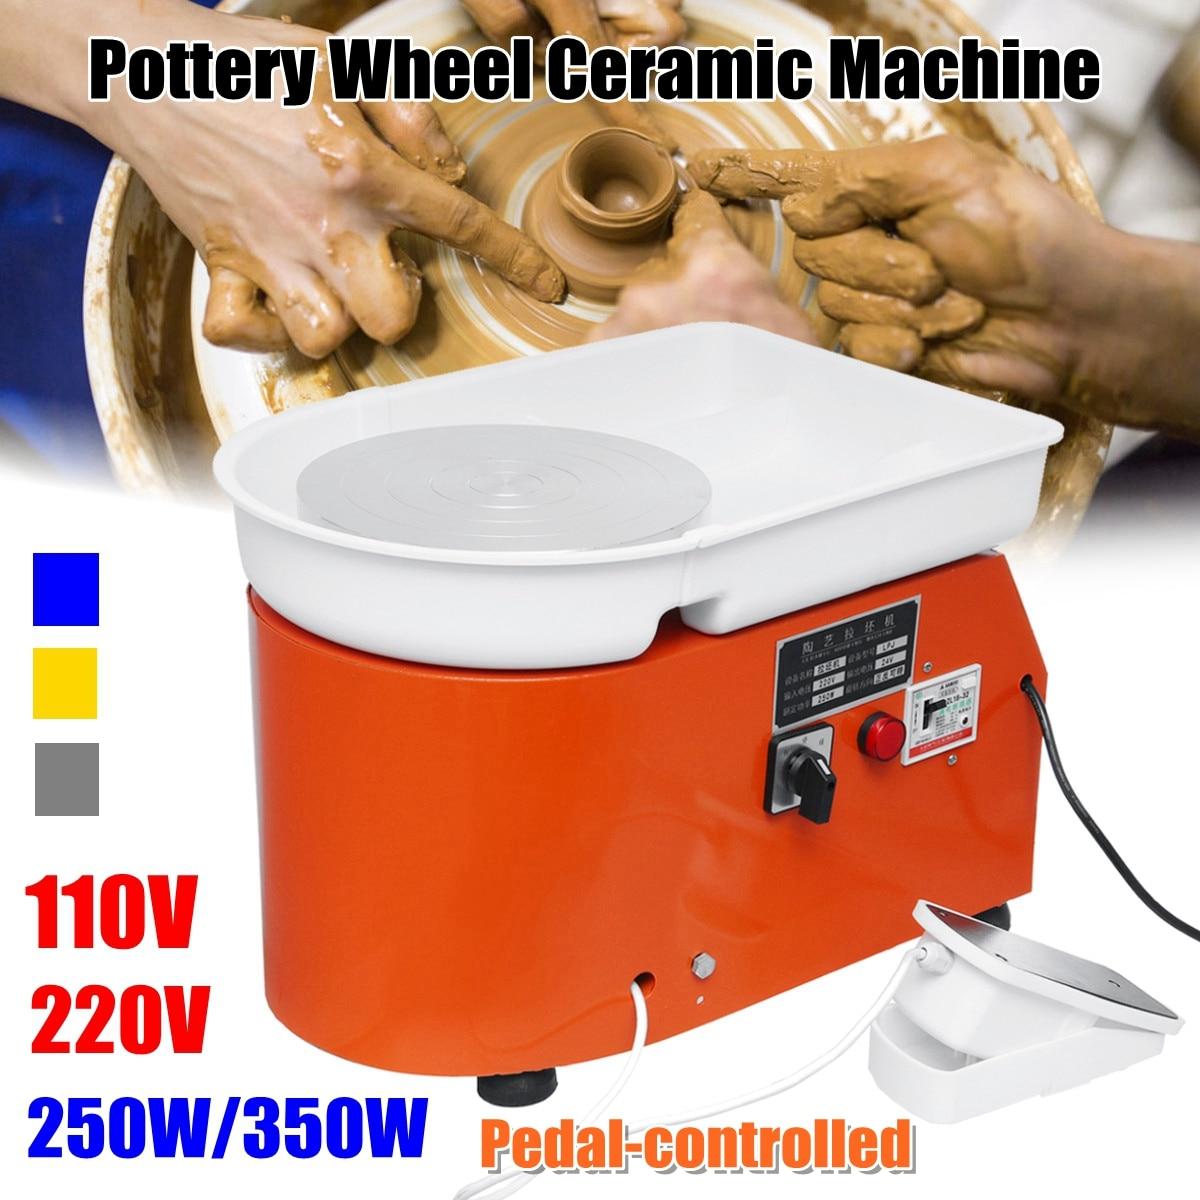 250 W/350 W Électrique Visites Roue Poterie Machine En Céramique D'argile Potter Art Pour Travail En Céramique Céramique 110 V /220 V